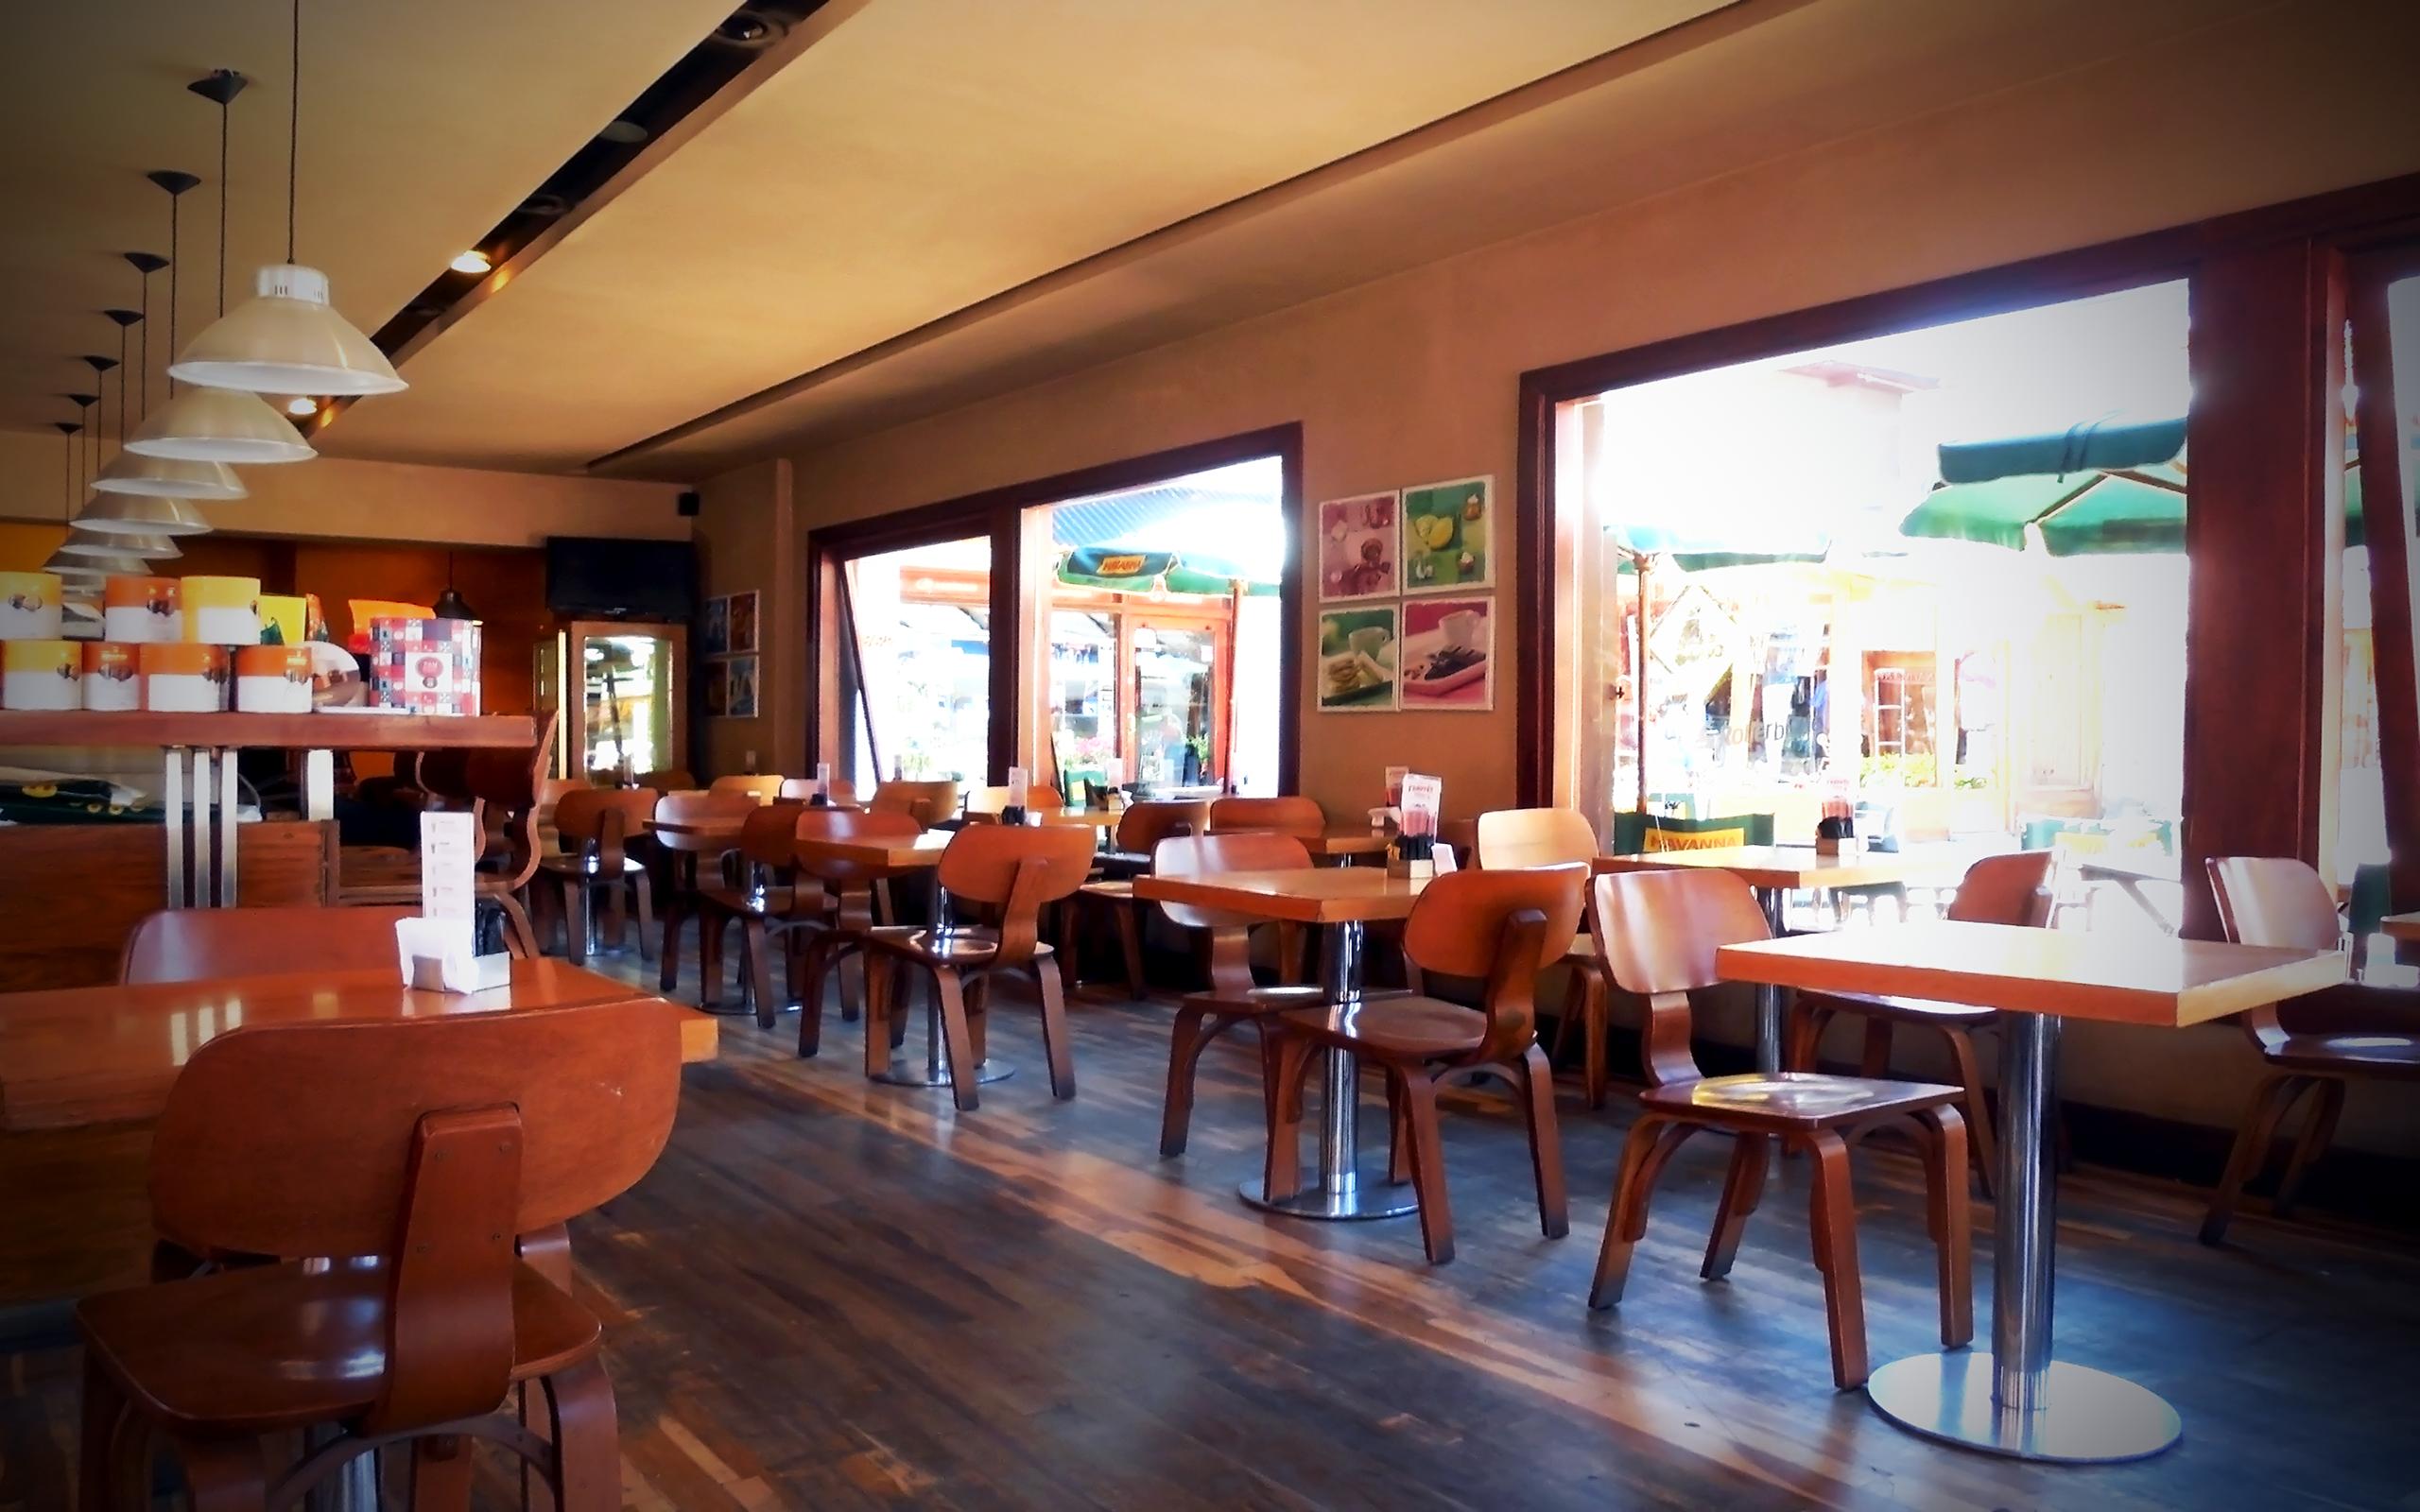 Hintergrundbilder fotografie holz modern entspannend for Innenarchitektur restaurant